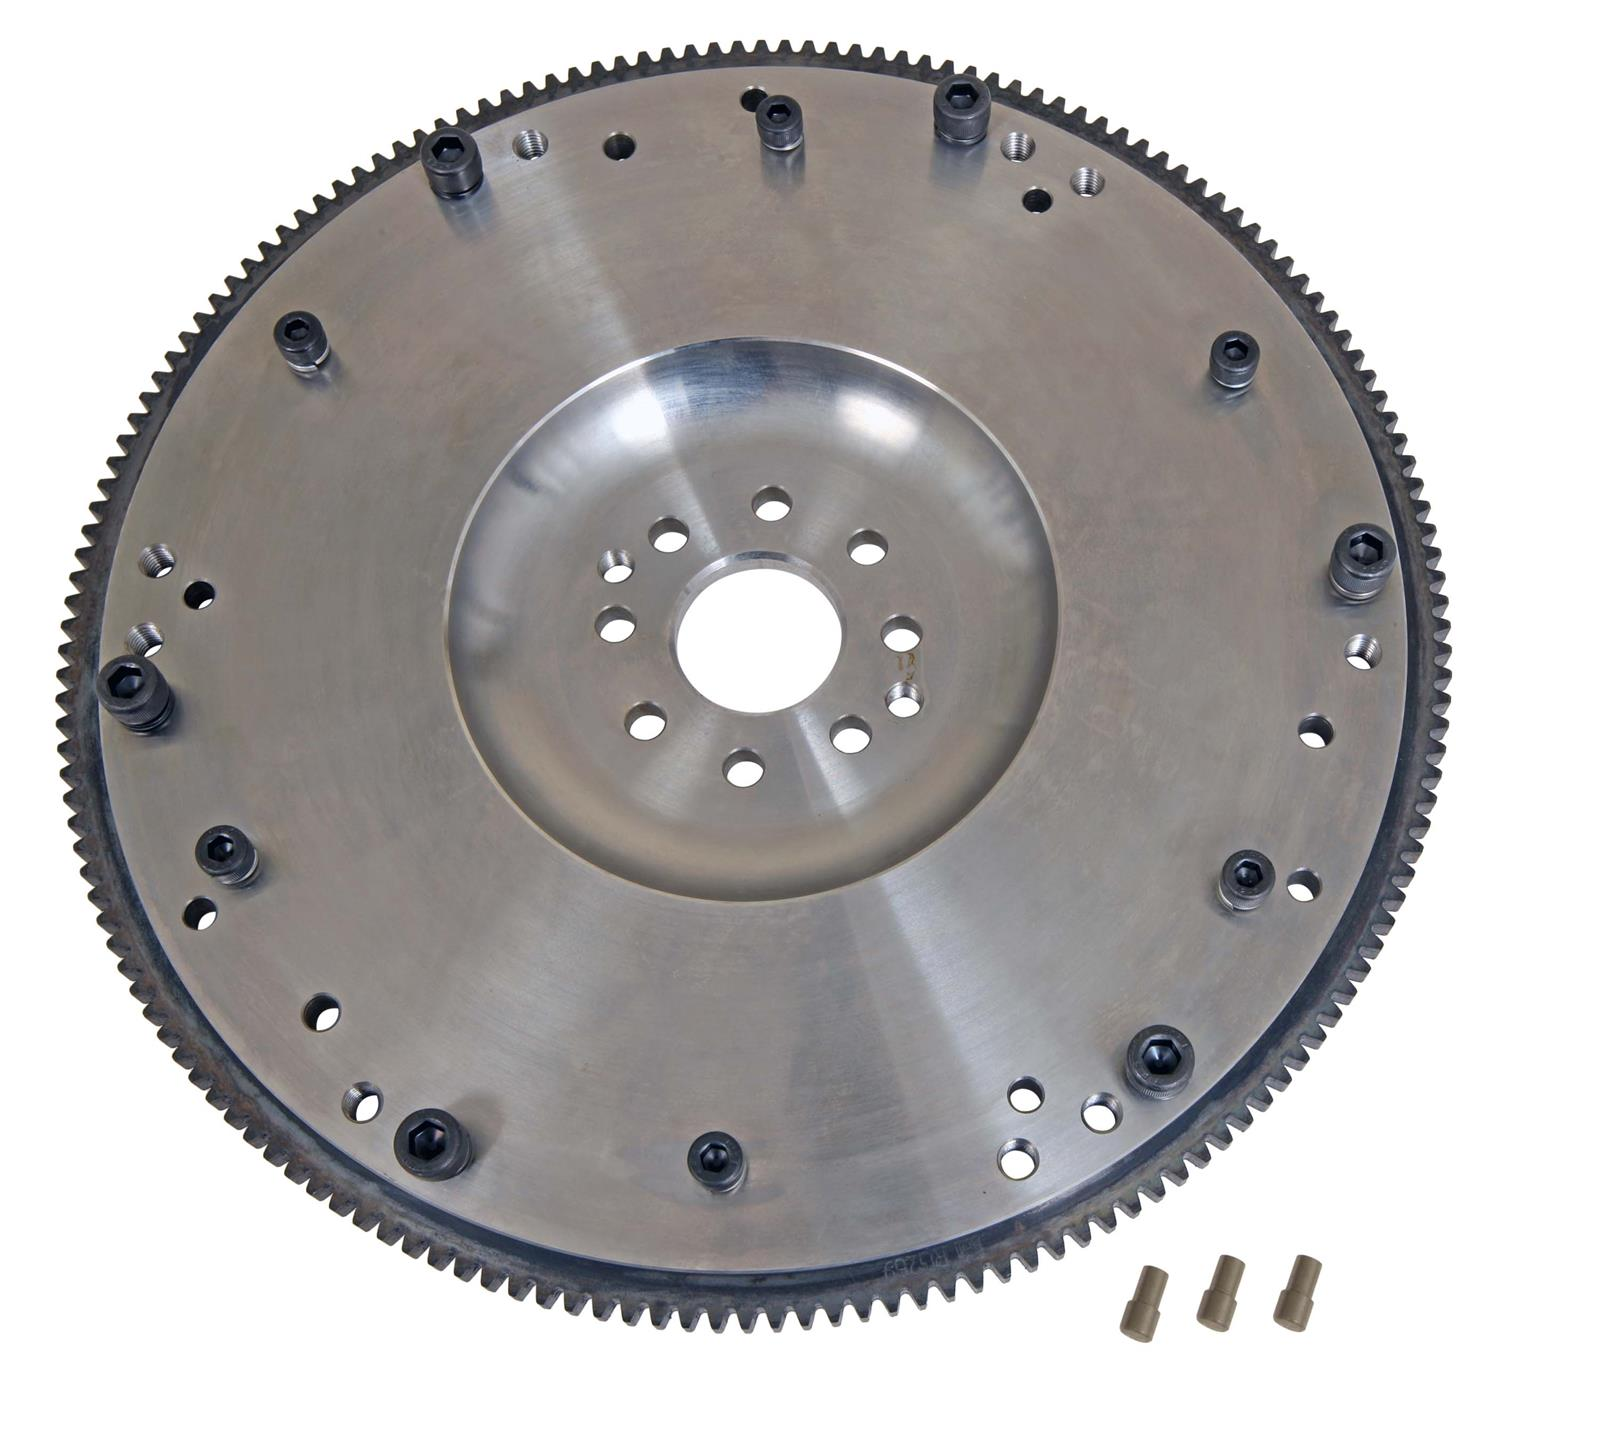 SPEC SF84A Flywheel